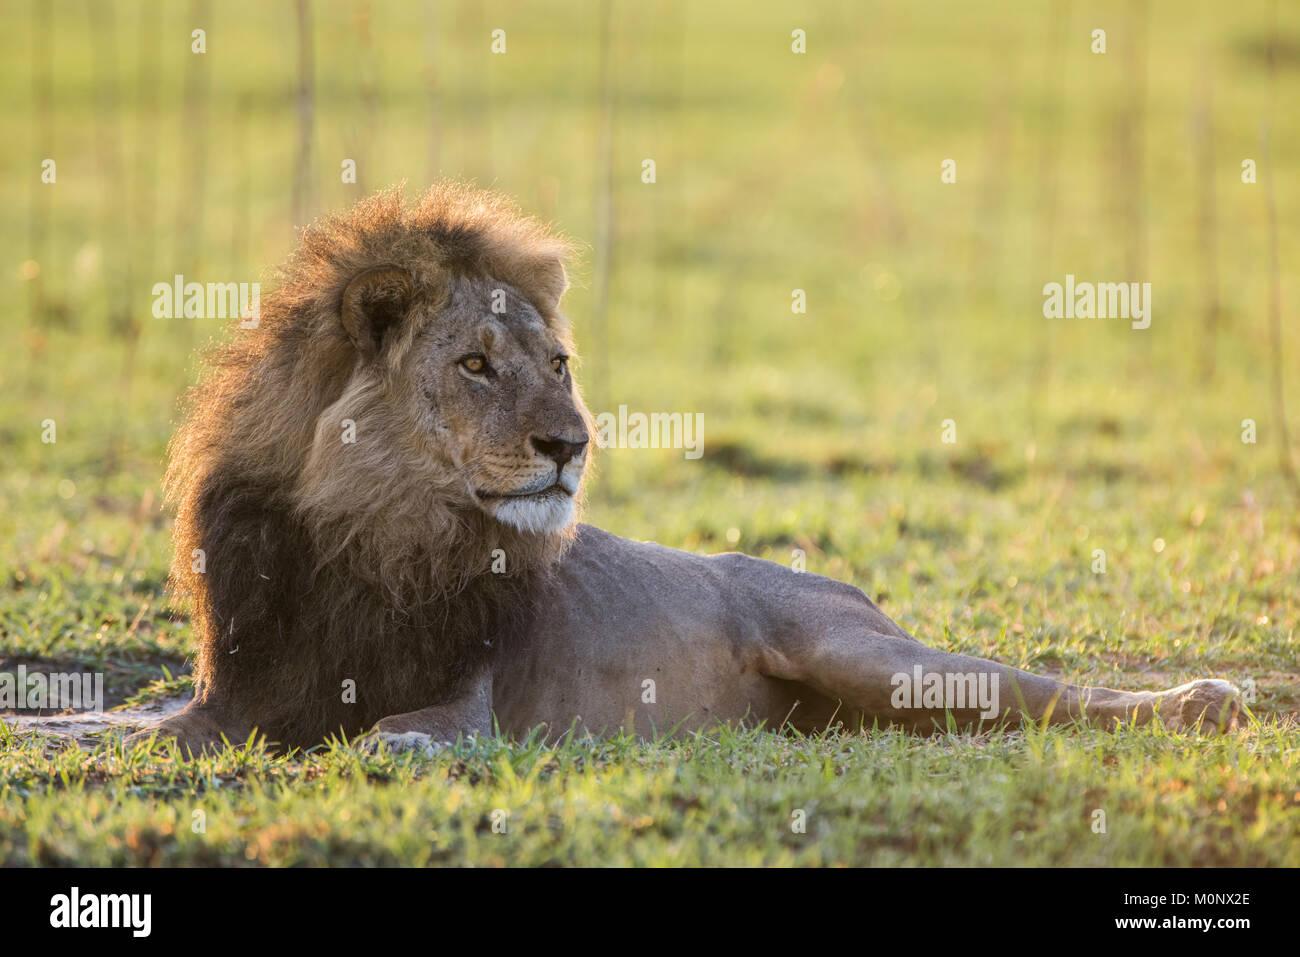 Lion (Panthera leo) looks attentively,male,Savuti,Chobe National Park,Chobe District,Botswana - Stock Image